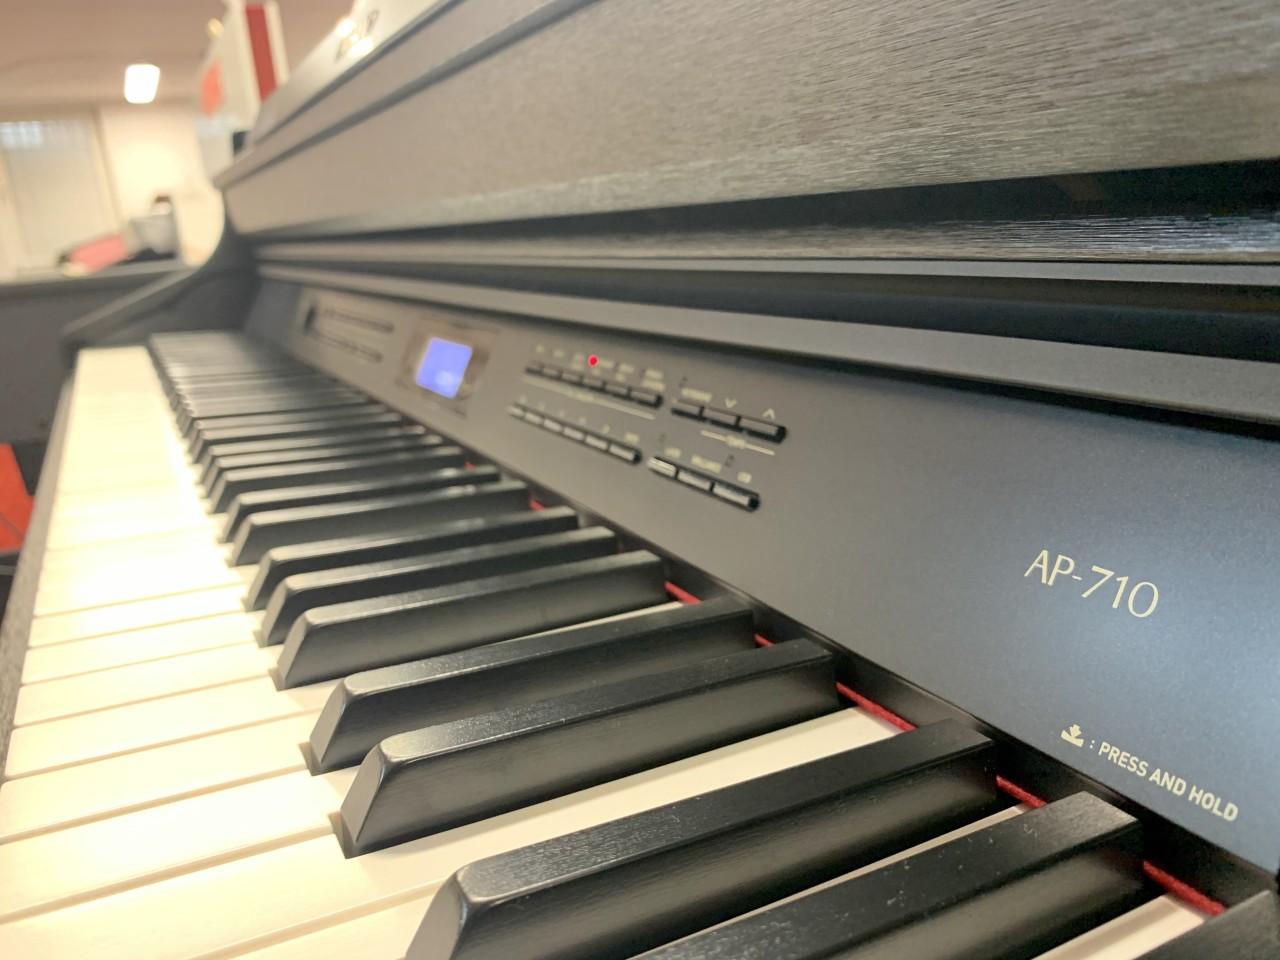 Casio AP-710 4